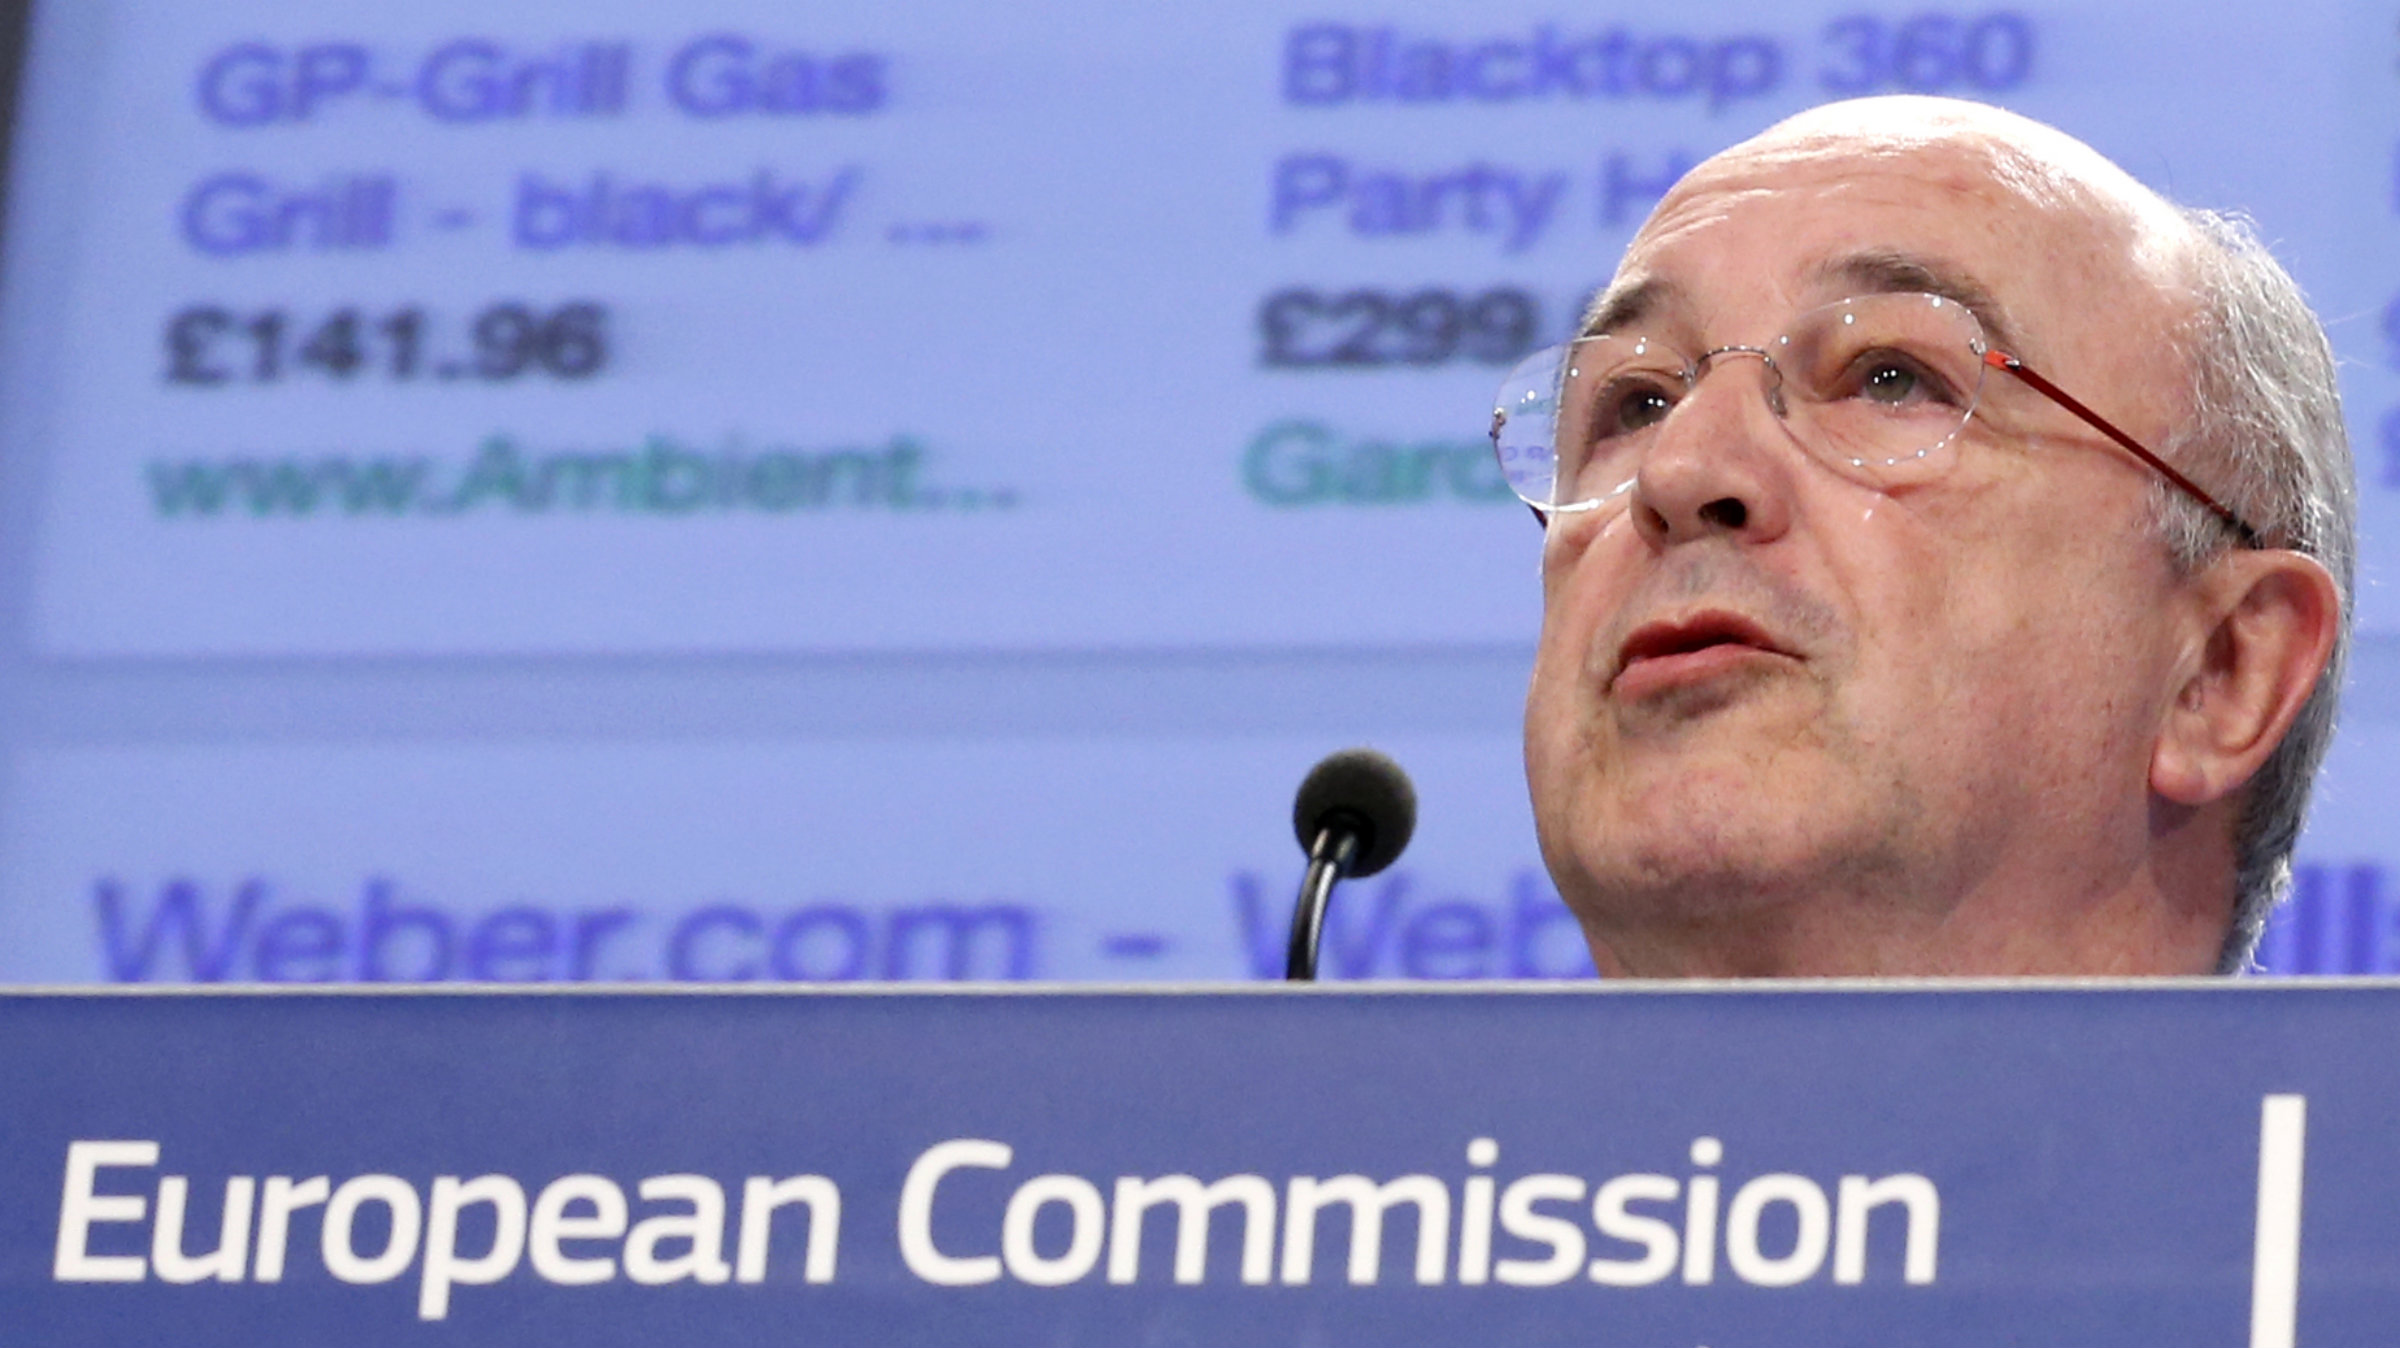 European Union Competition Commissioner Joaquin Almunia searches for gas grills.